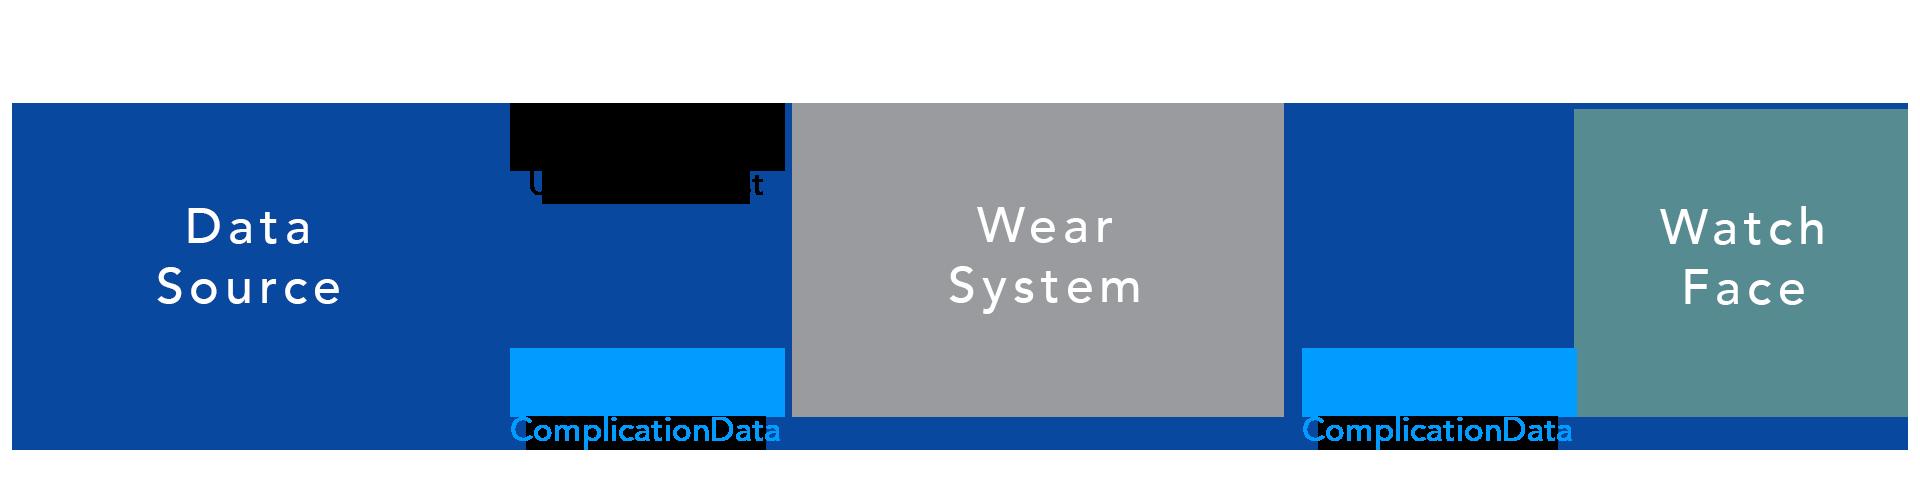 ウォッチフェイスの追加機能のデータフロー